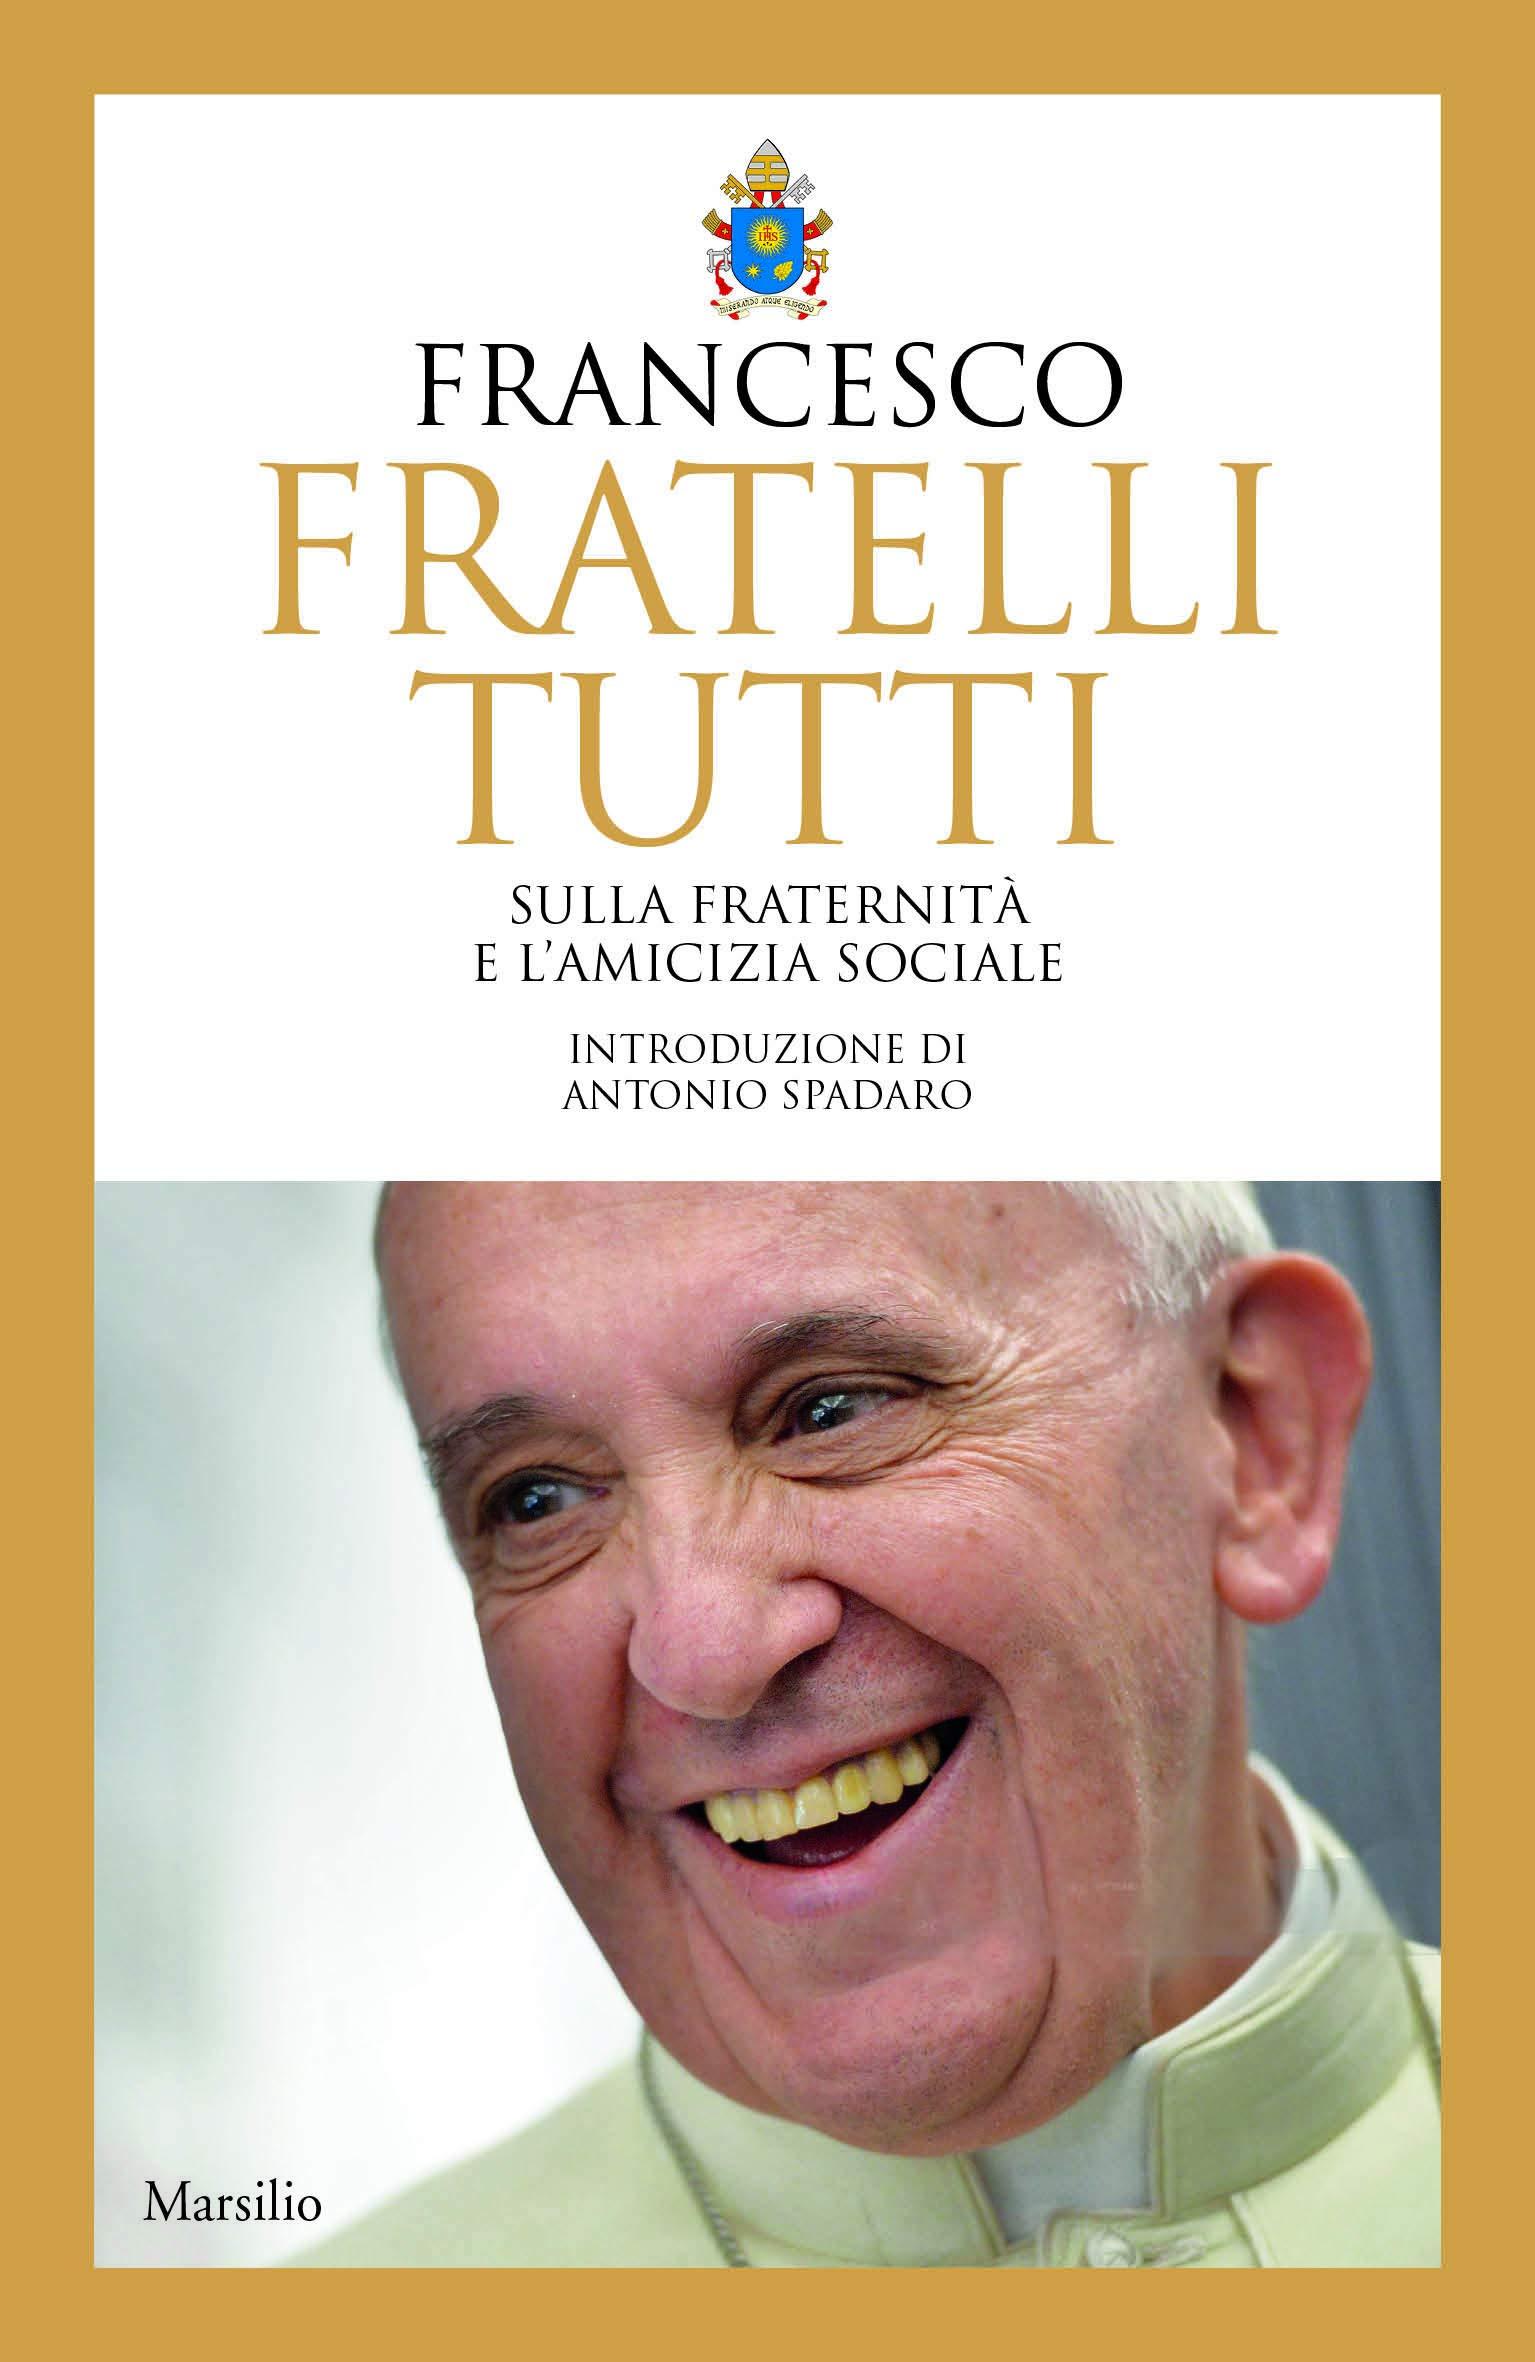 Fratelli tutti. Sulla fraternità e l'amicizia sociale: Amazon.it: Francesco  (Jorge Mario Bergoglio): Libri